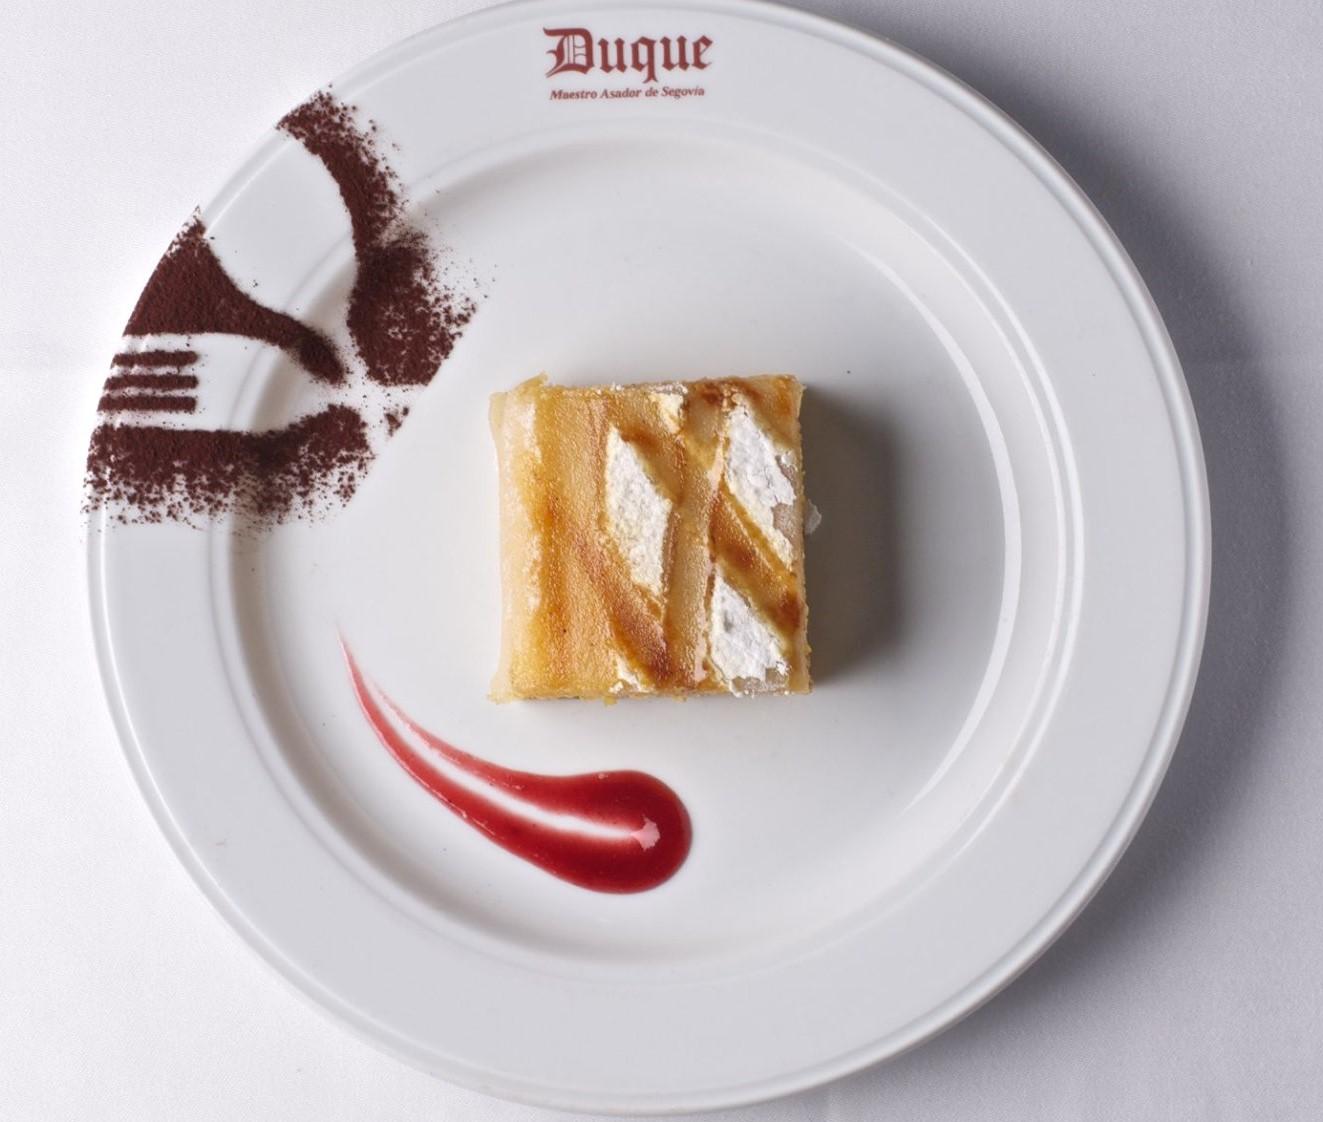 mesa-habla-sabores-primarios-gusto-casa-duque-ponche-segoviano